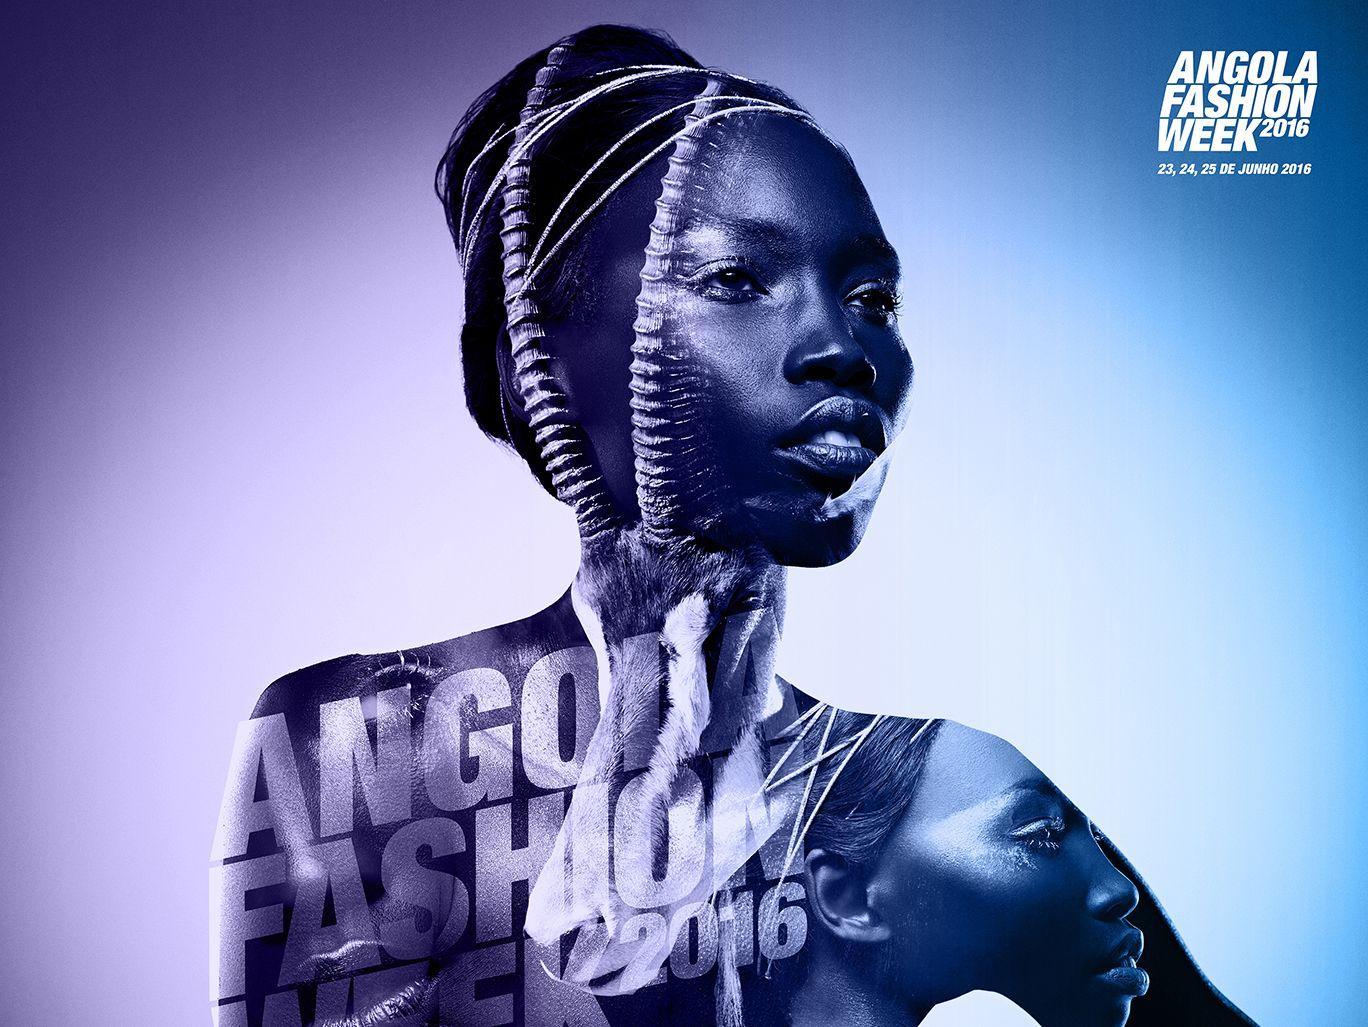 Qual a moda que nos influência? Vem ai Angola Fashion Week